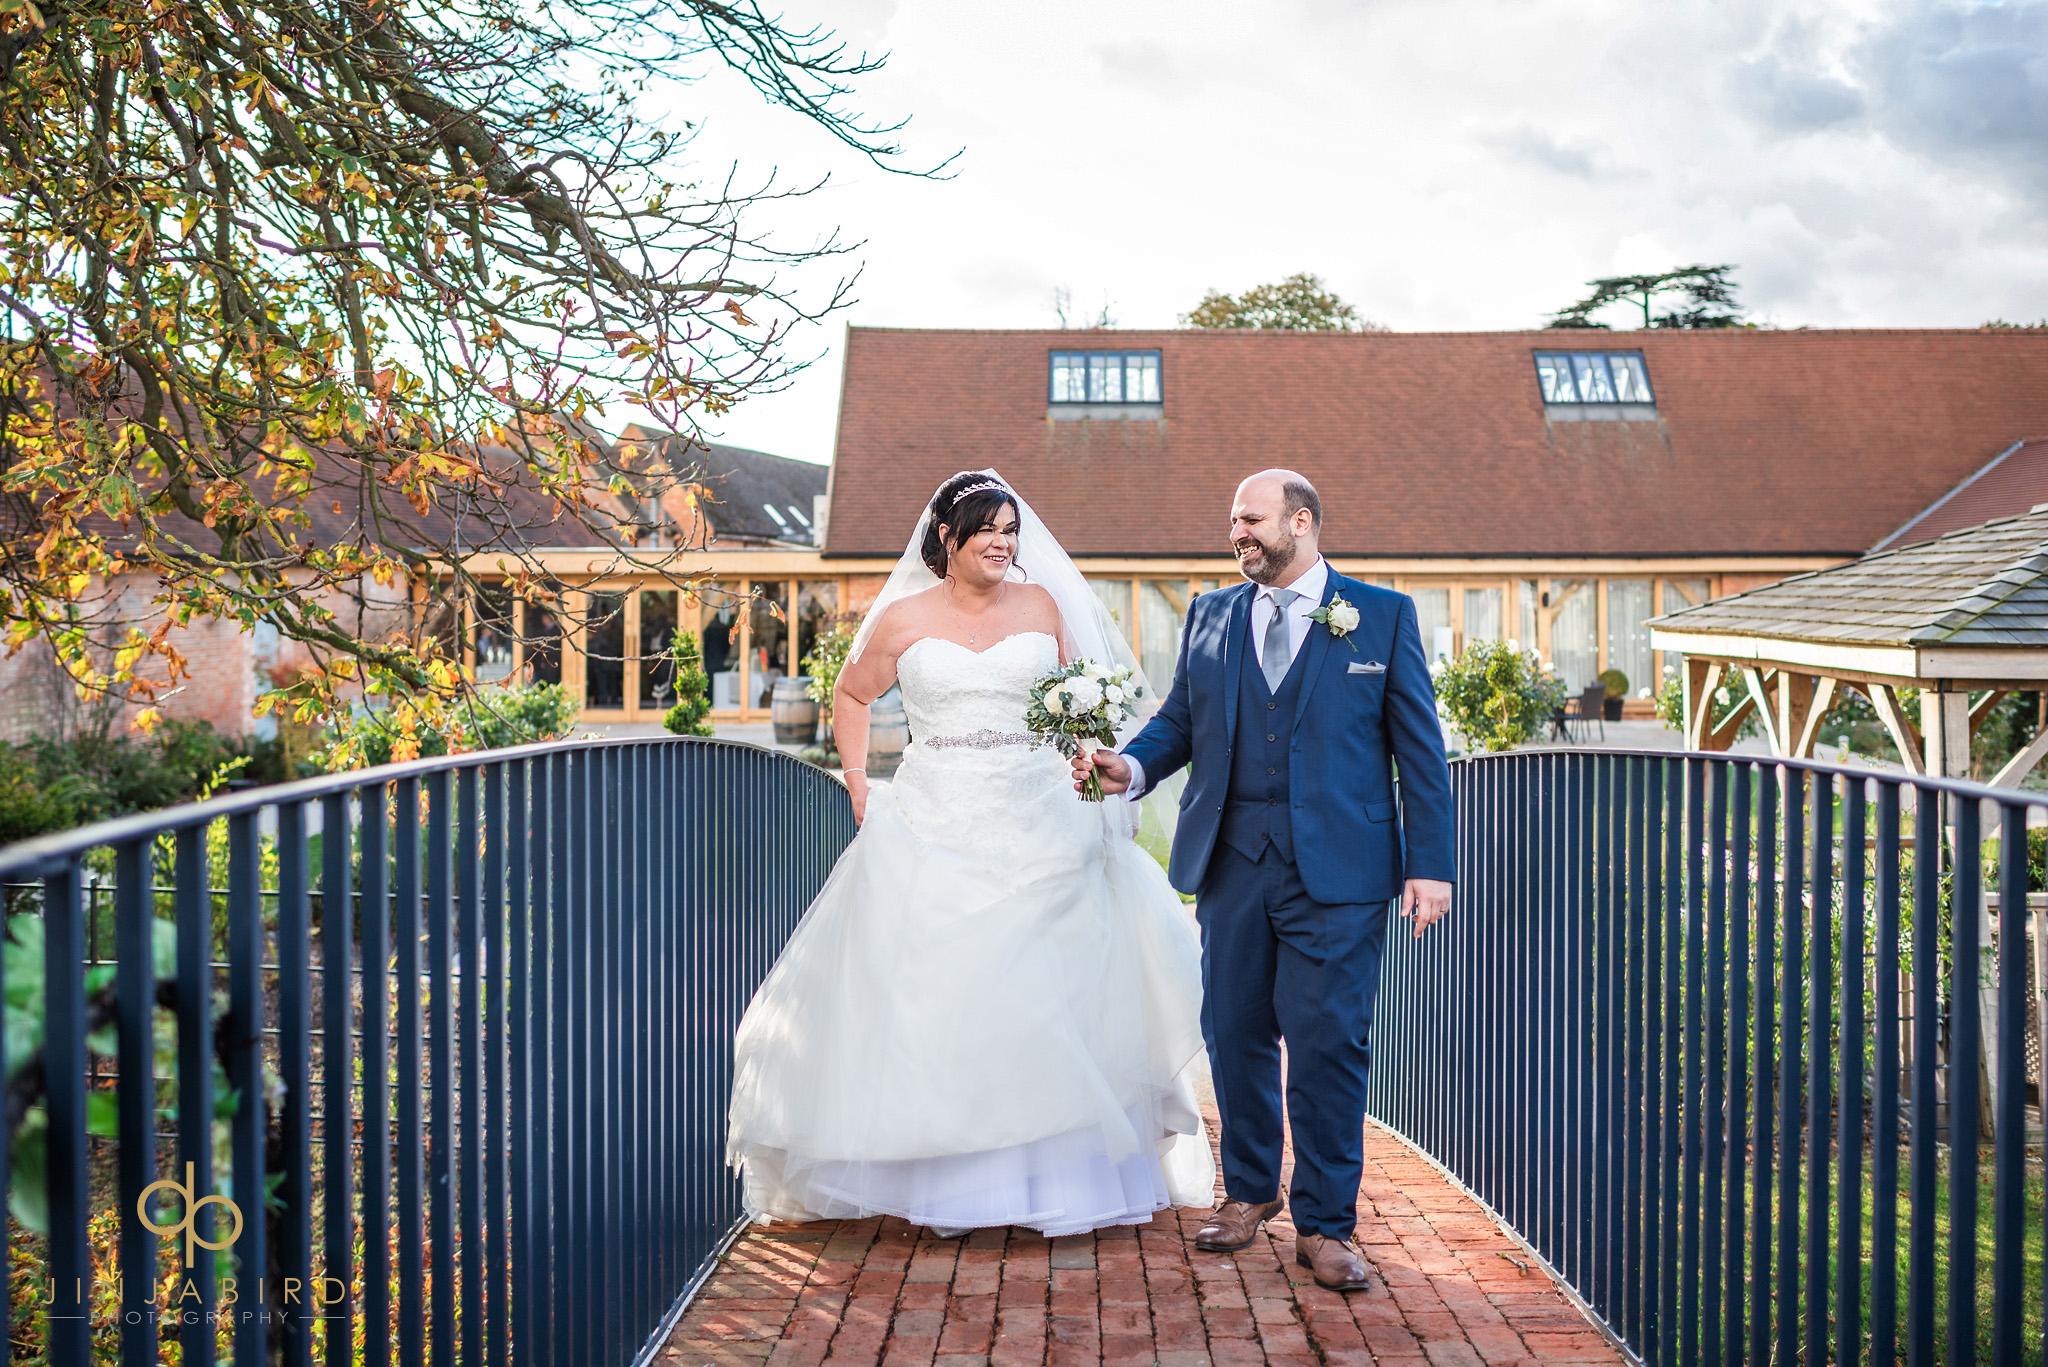 brdie and groom walking over bridge bassmead